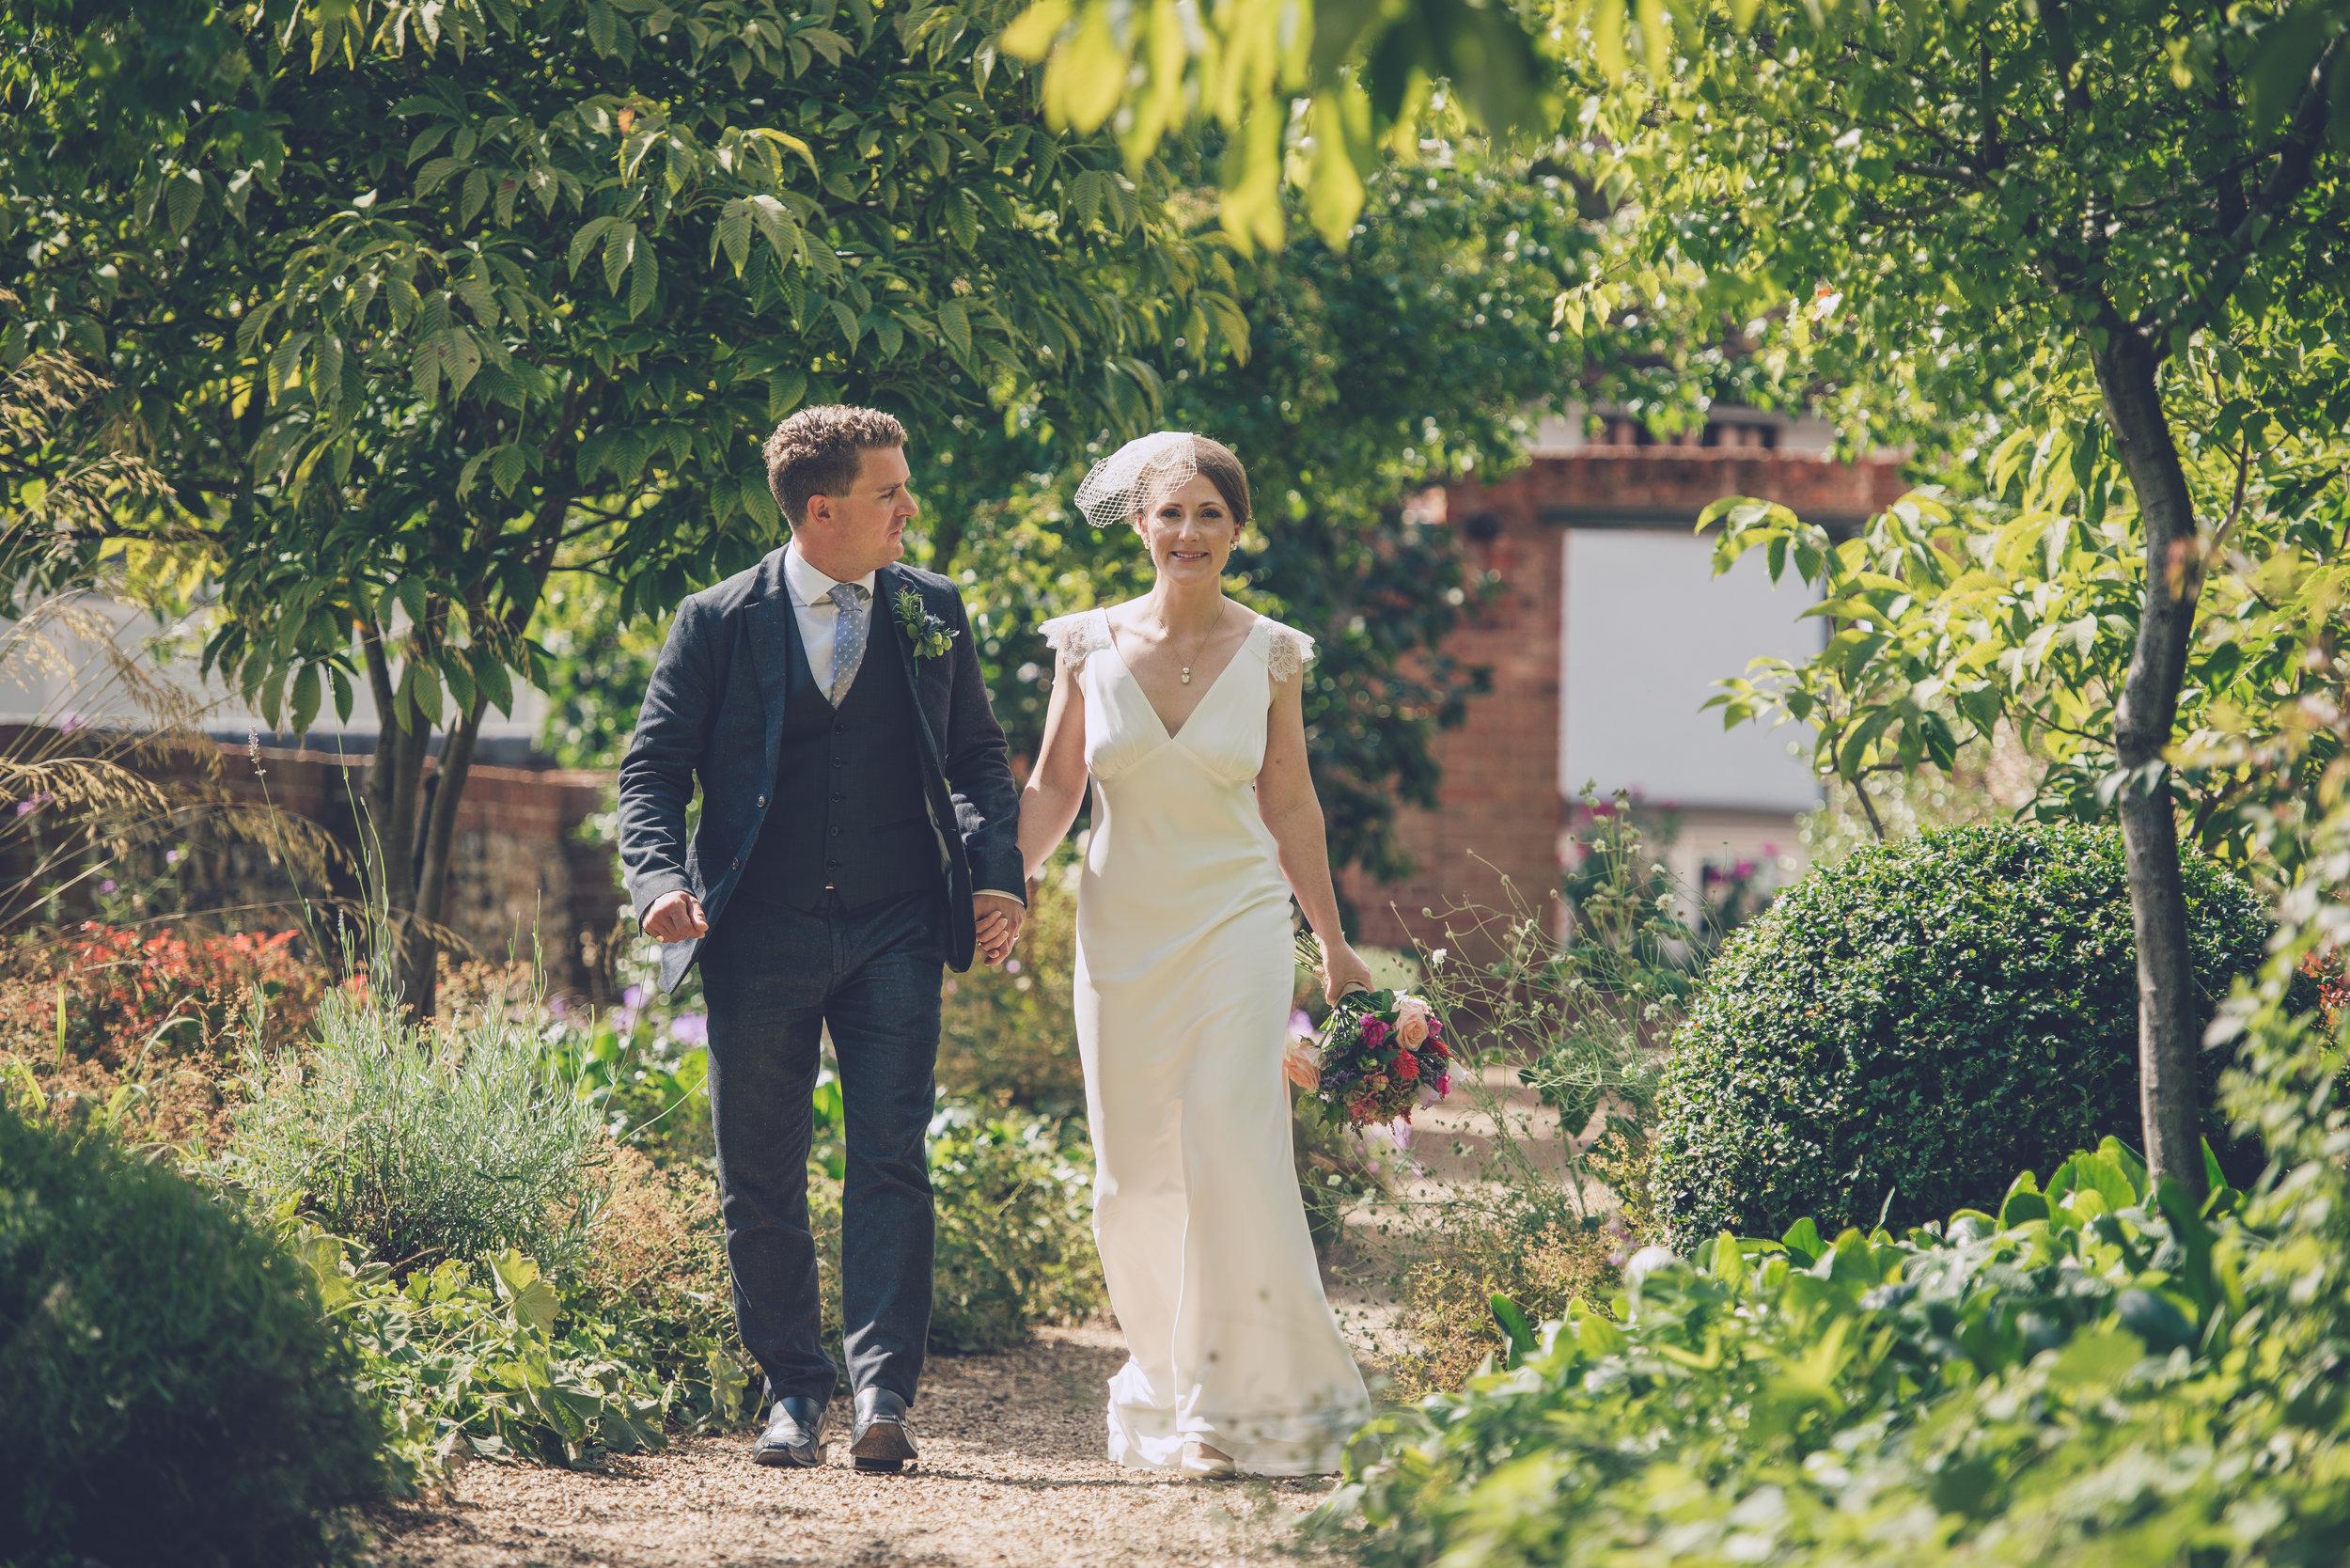 Sarah-Susanna-Greening-Bias-Vintage-Lace-Wedding-Dress-Bespoke-Matlock-Derbyshire-14